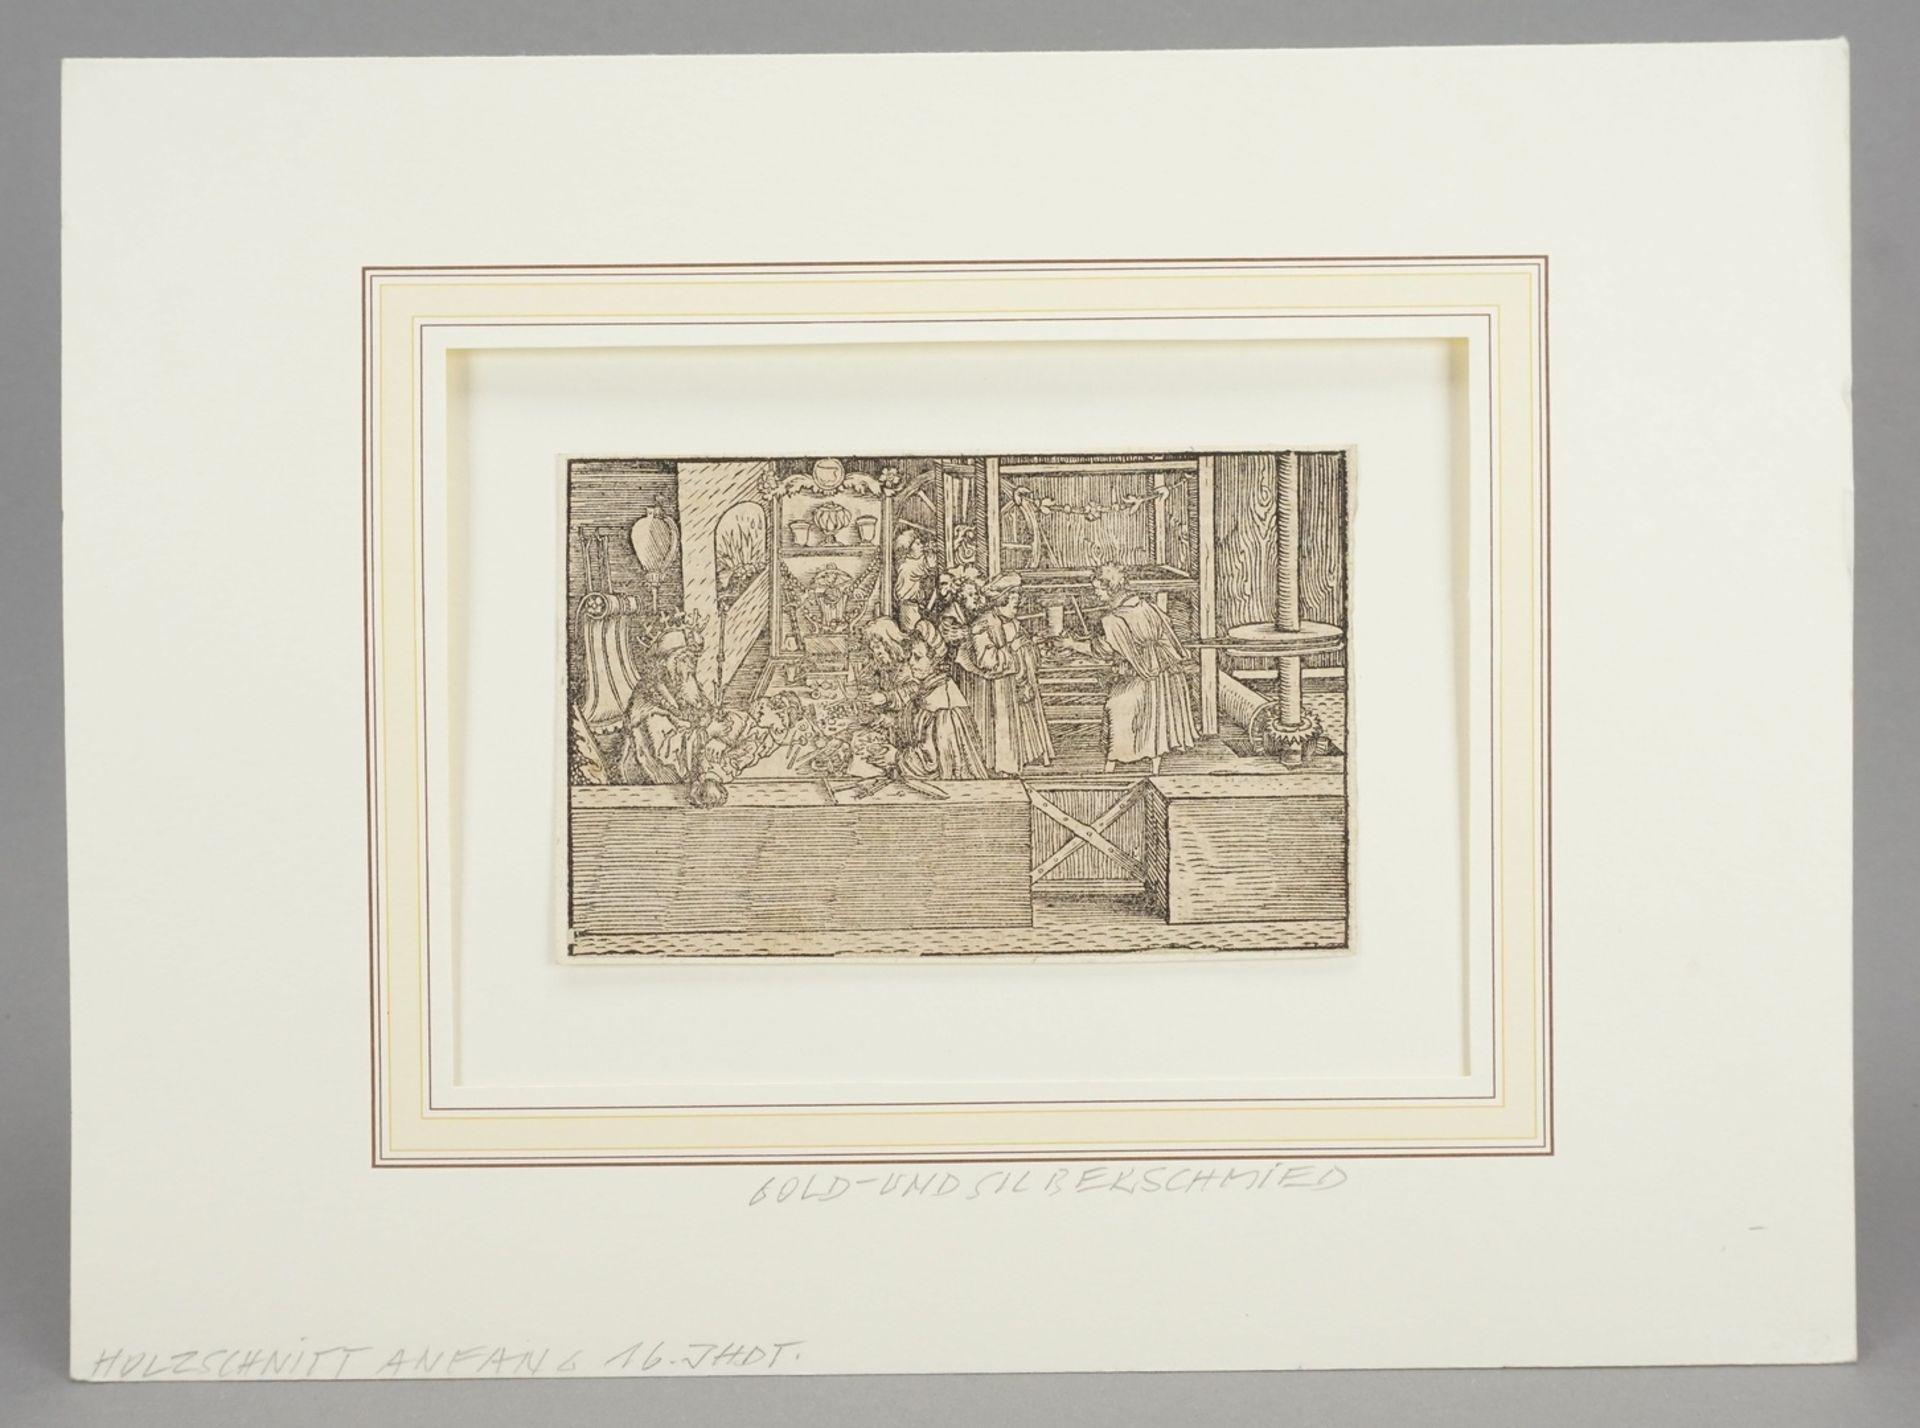 Petrarcameister, Der Gold- und Silberschmied - Bild 2 aus 3